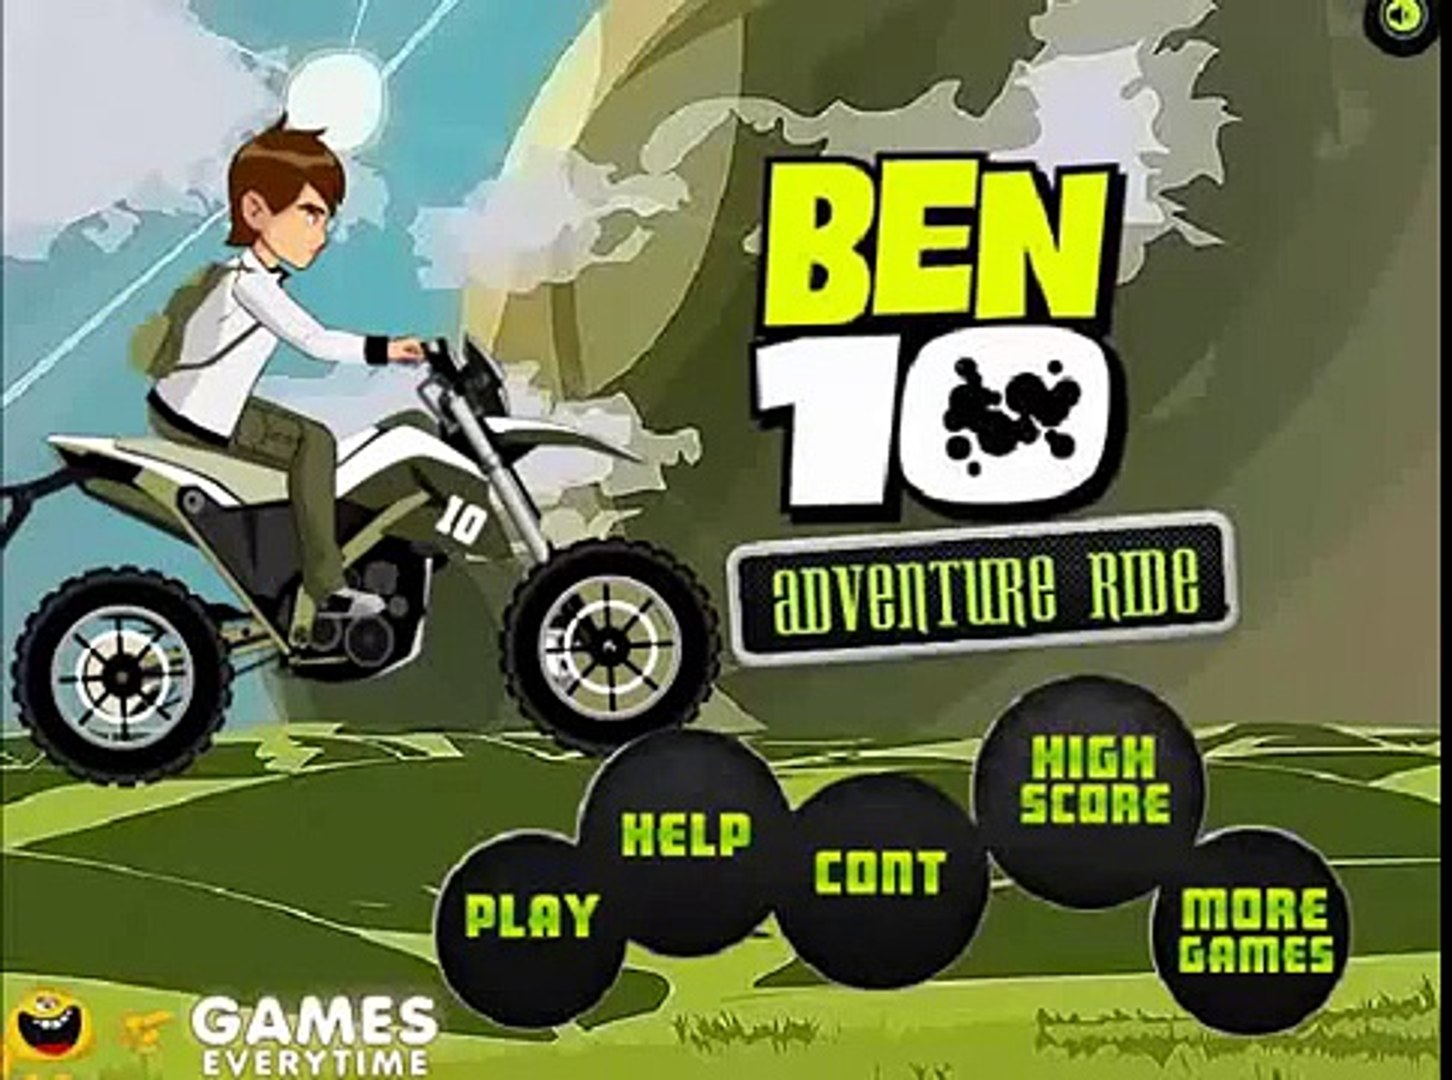 Ben 10 adventures ride - ben 10 cartoon game